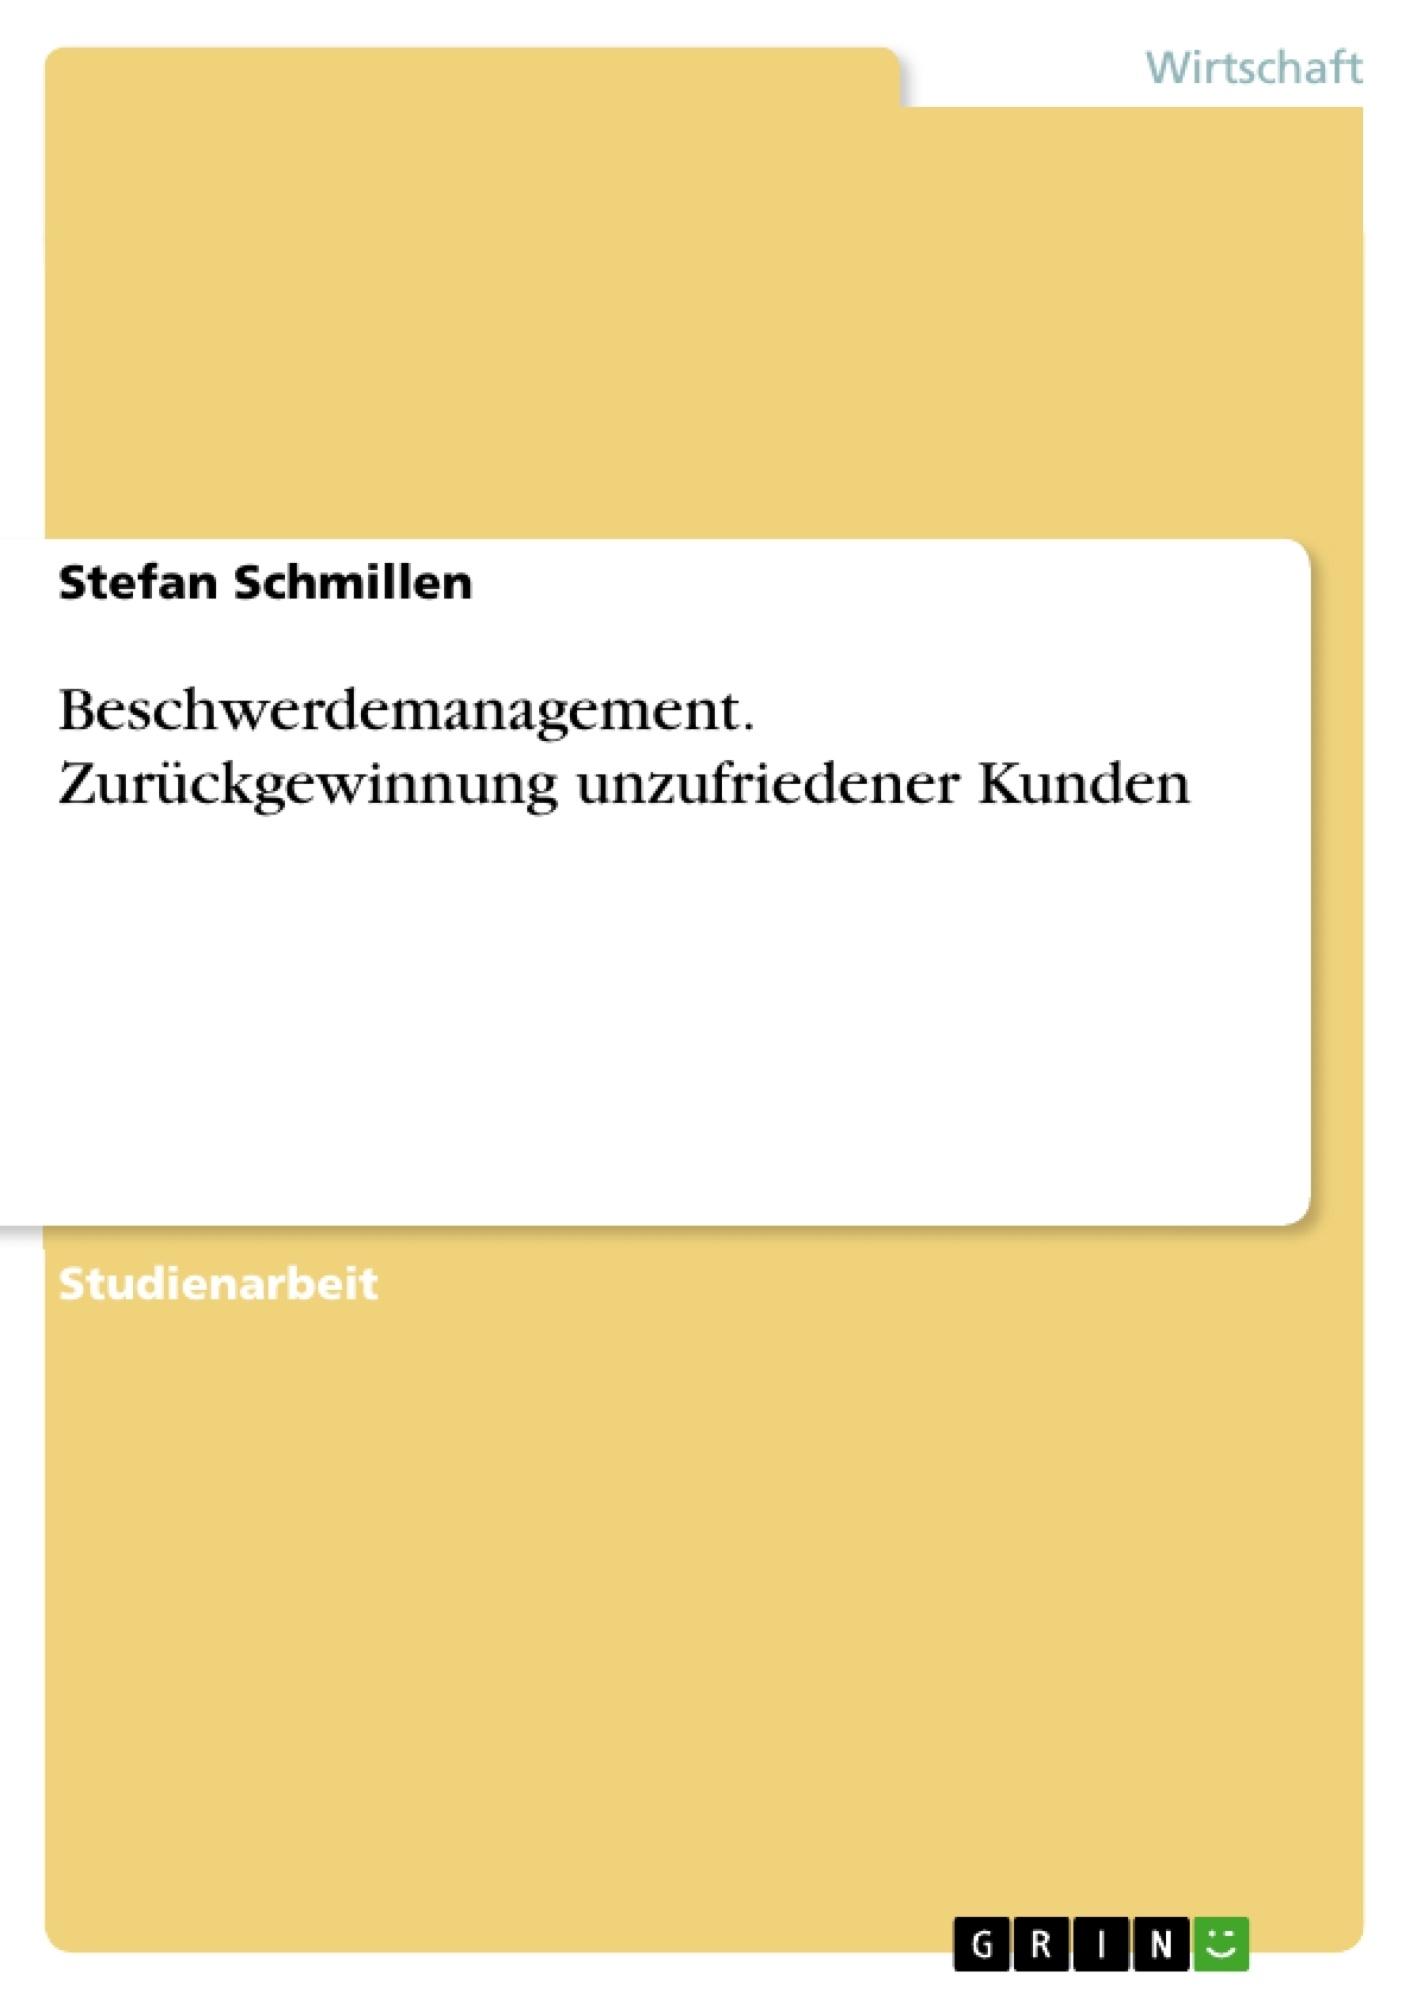 Titel: Beschwerdemanagement. Zurückgewinnung unzufriedener Kunden